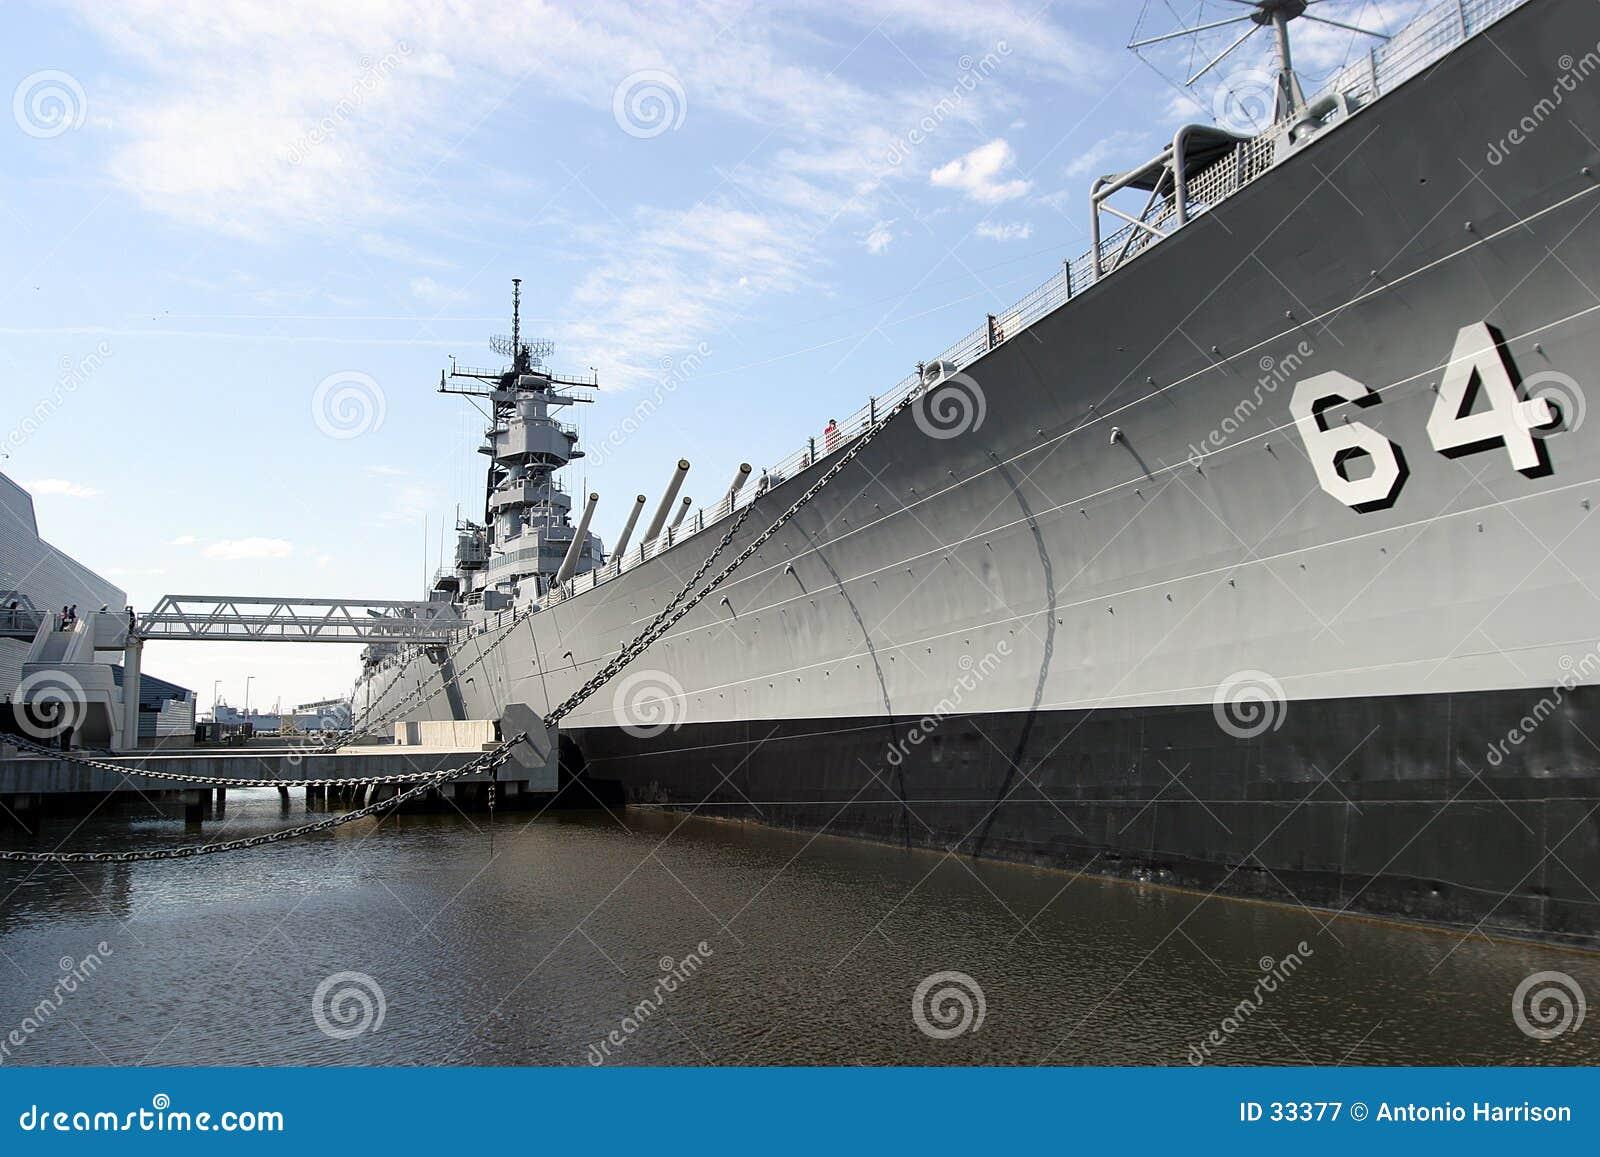 Ship 64